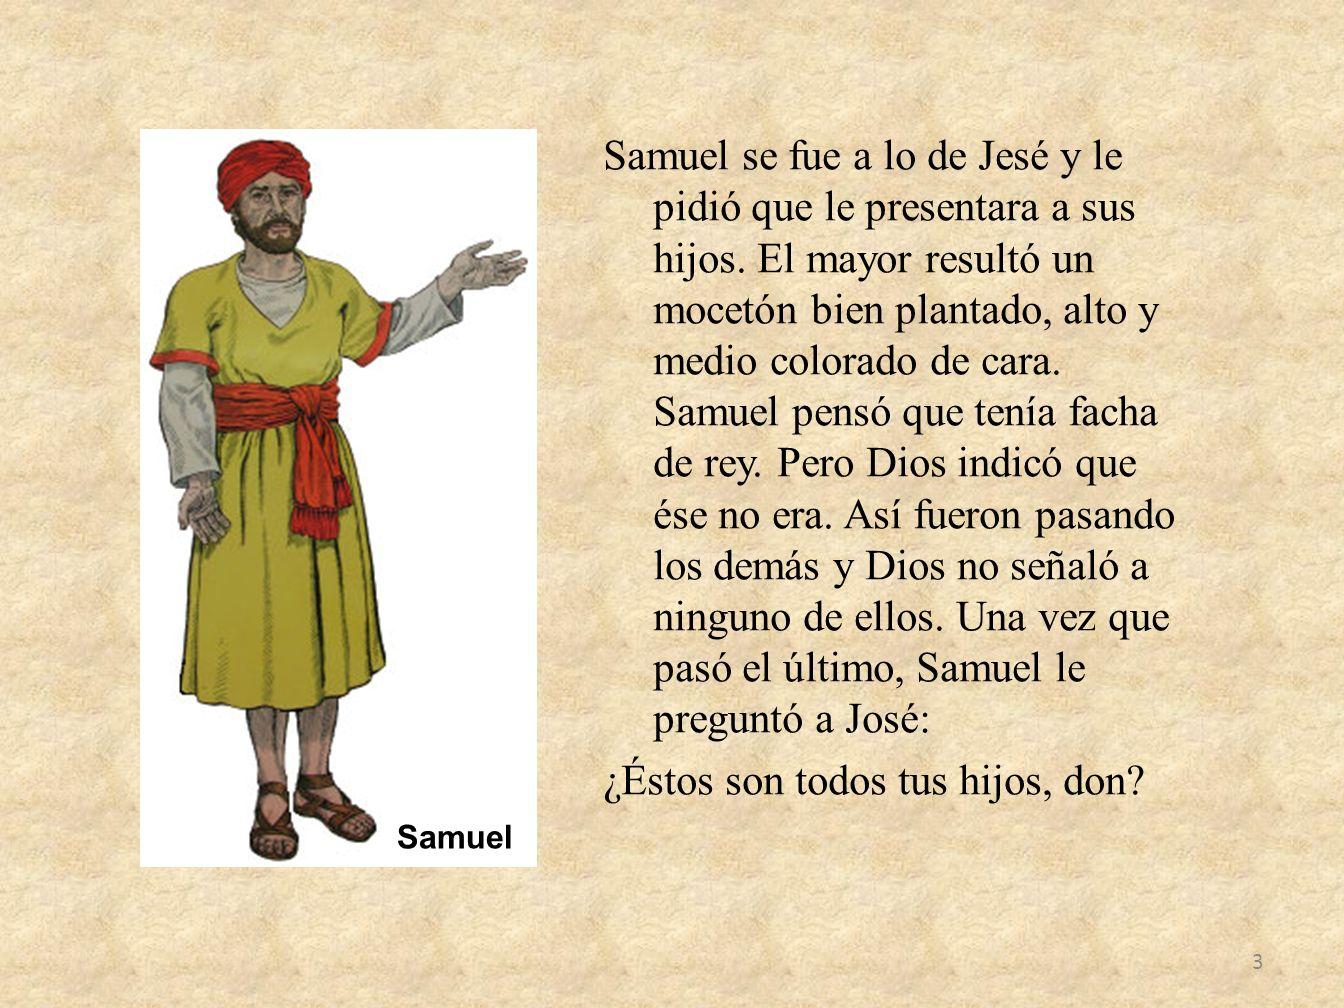 Samuel se fue a lo de Jesé y le pidió que le presentara a sus hijos. El mayor resultó un mocetón bien plantado, alto y medio colorado de cara. Samuel